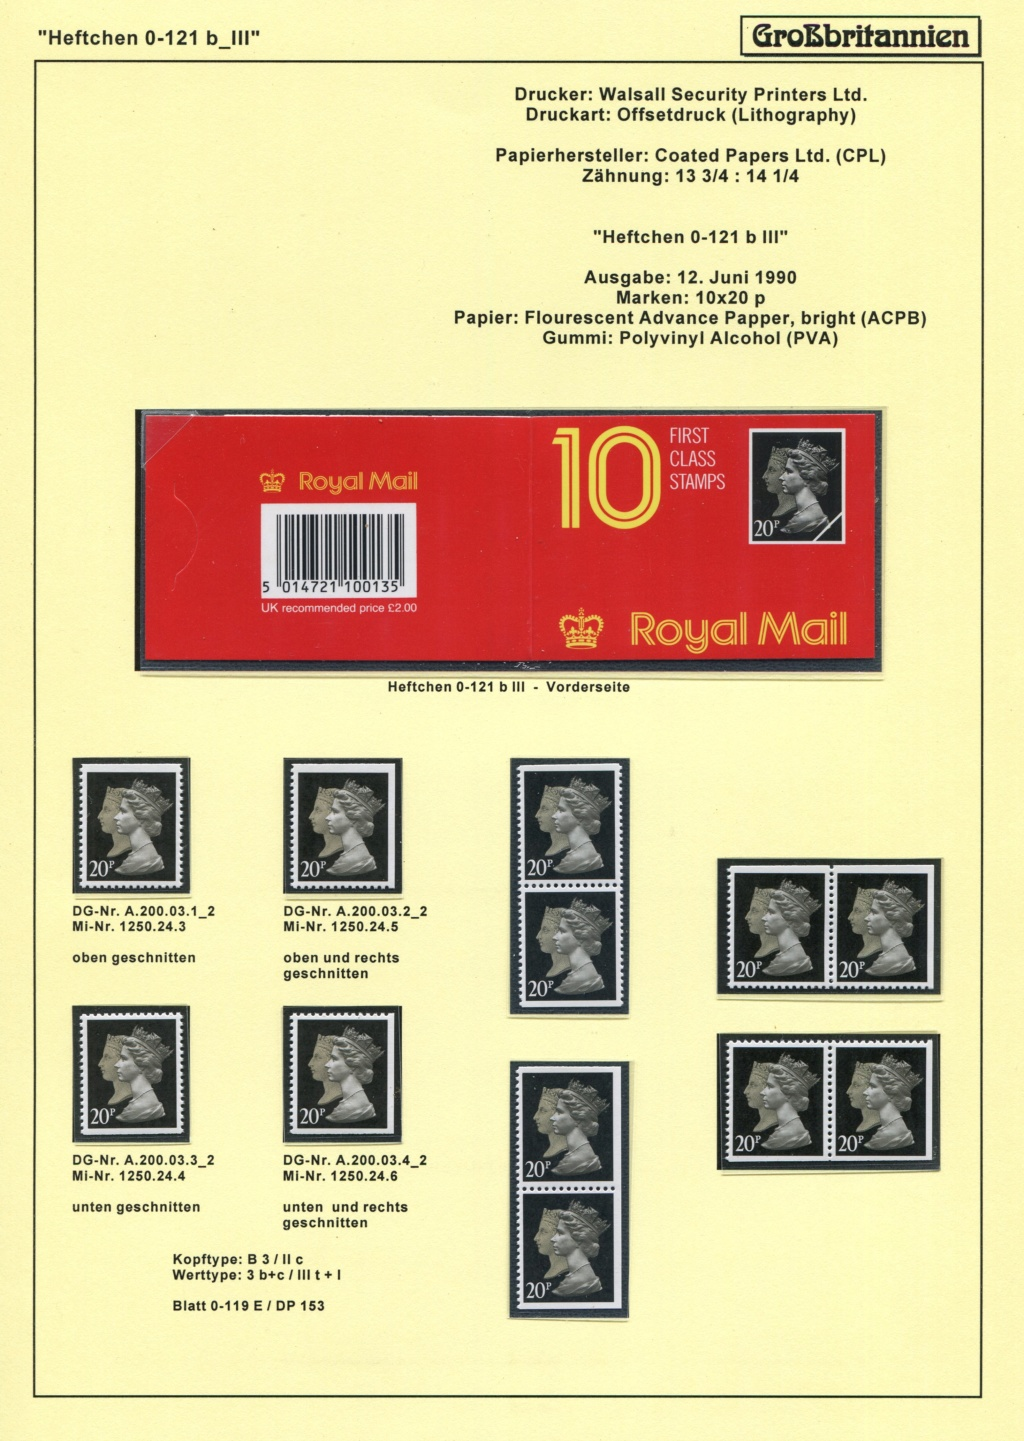 Großbritannien - 150 Jahre Briefmarken Black_59